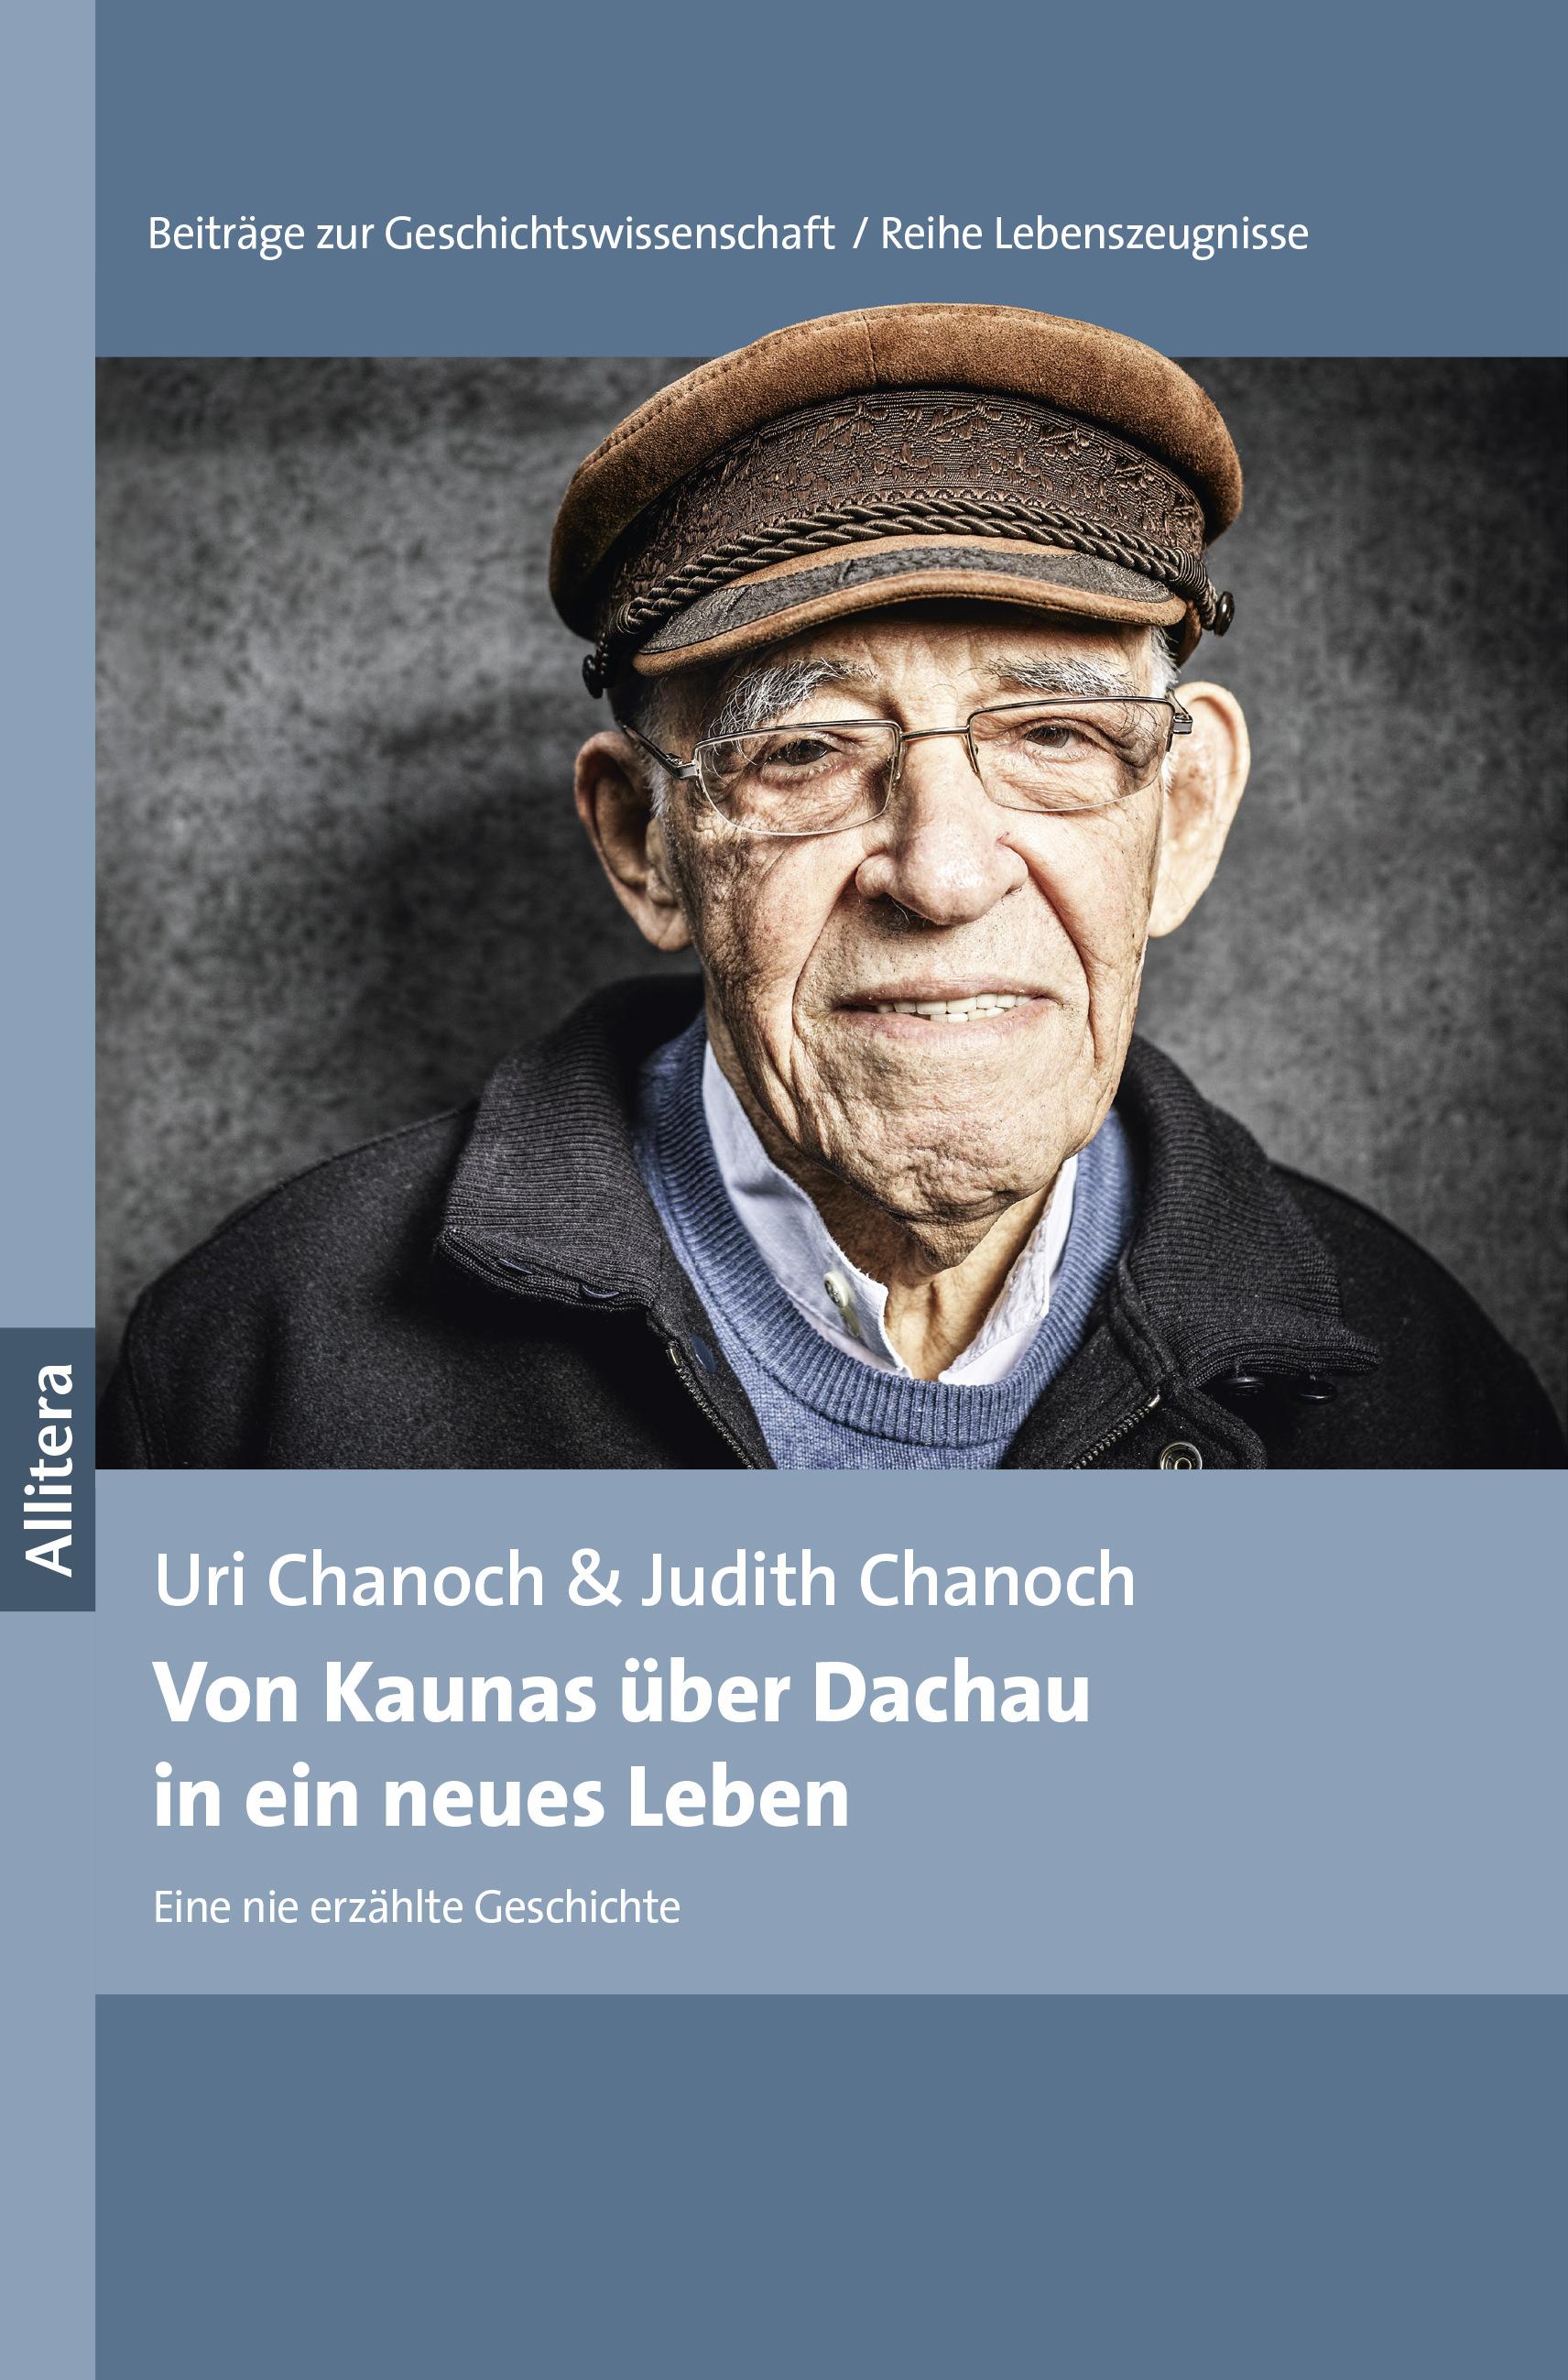 Chanoch Uri, Chanoch Judith - Von Kaunas über Dachau in ein neues Leben